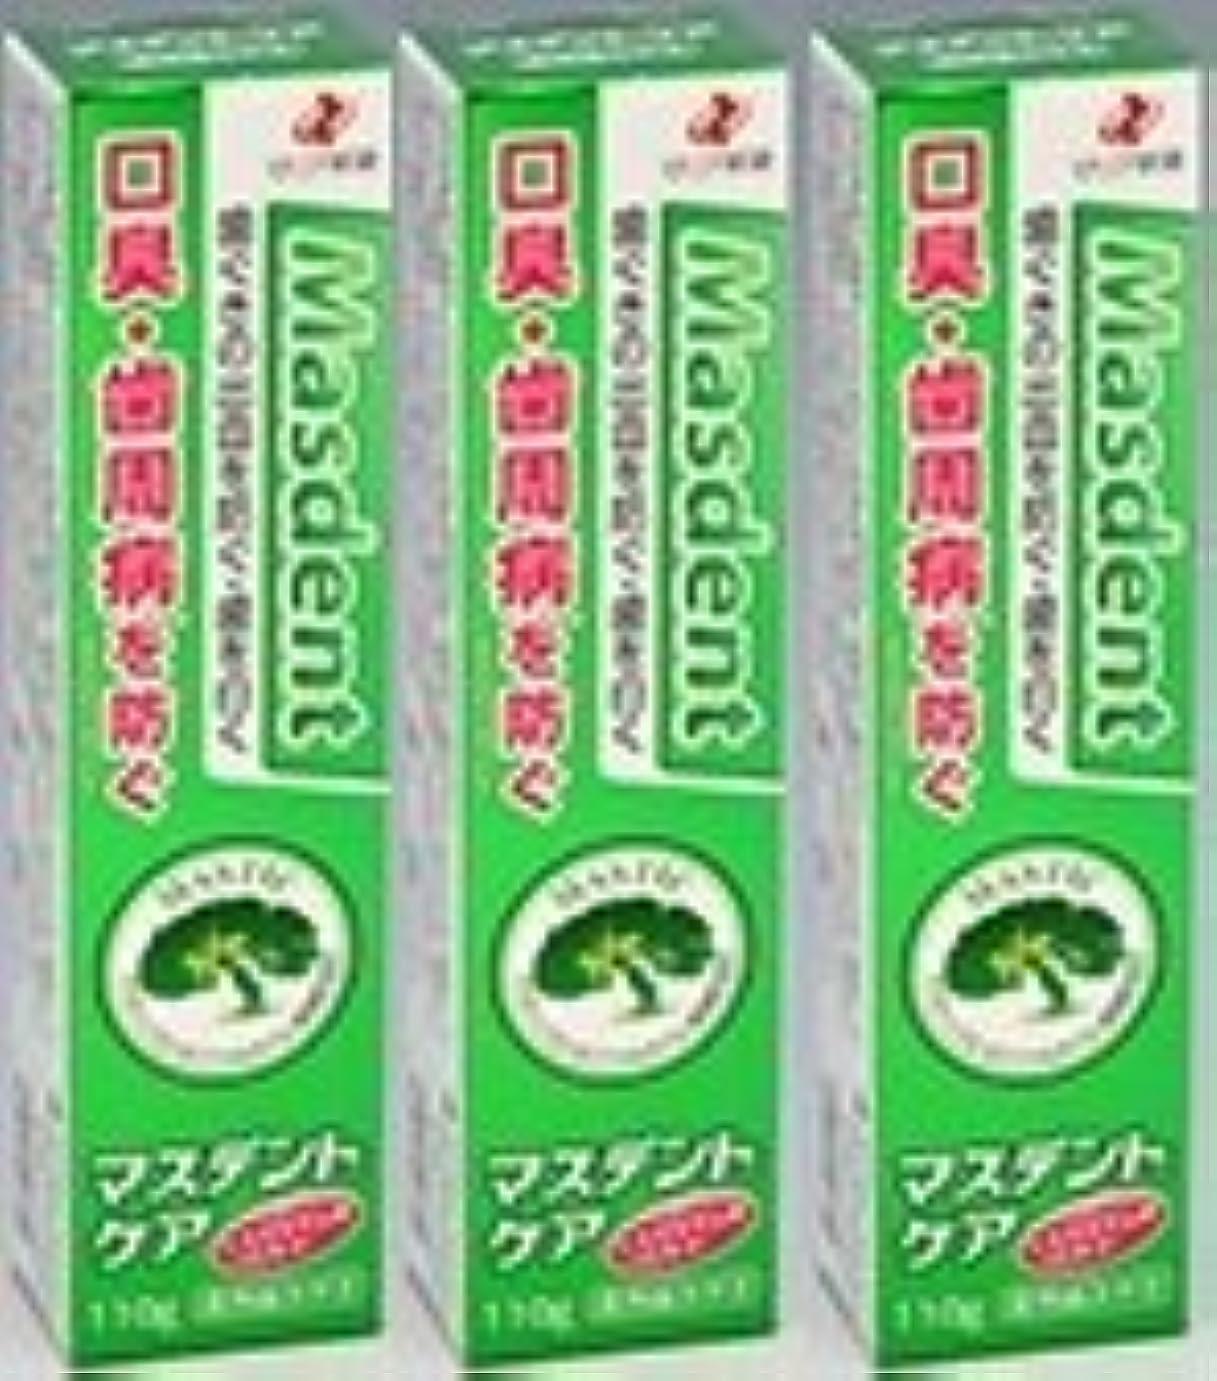 カプラー開梱退屈させる薬用歯磨き マスデントケア110g×3本セット